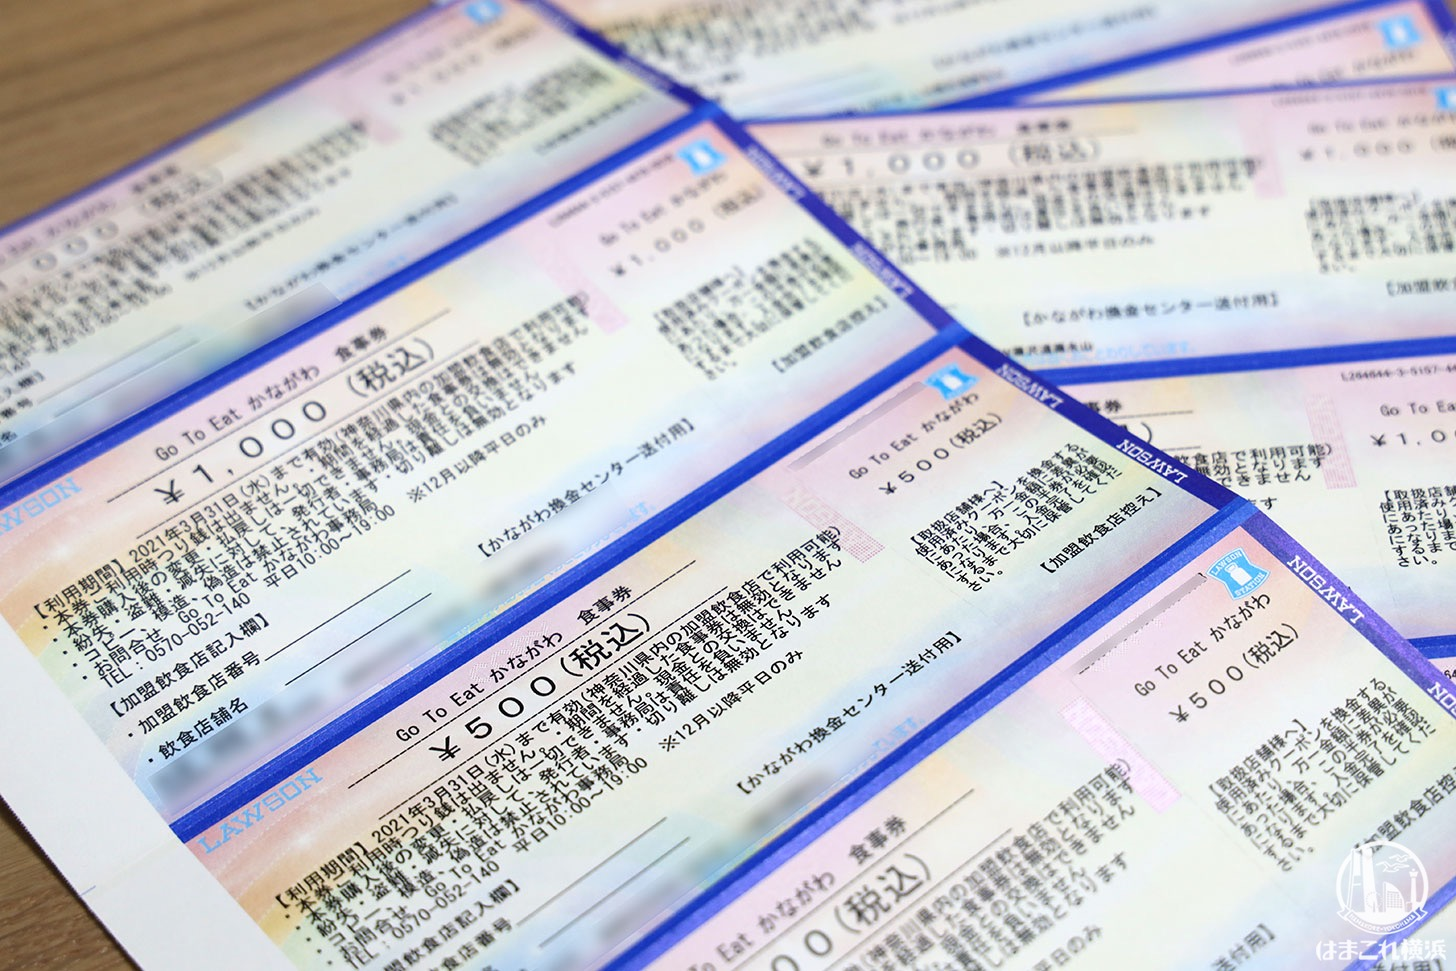 神奈川県「GoToイート」食事券の紙・電子クーポンの利用期間6月30日までに延長